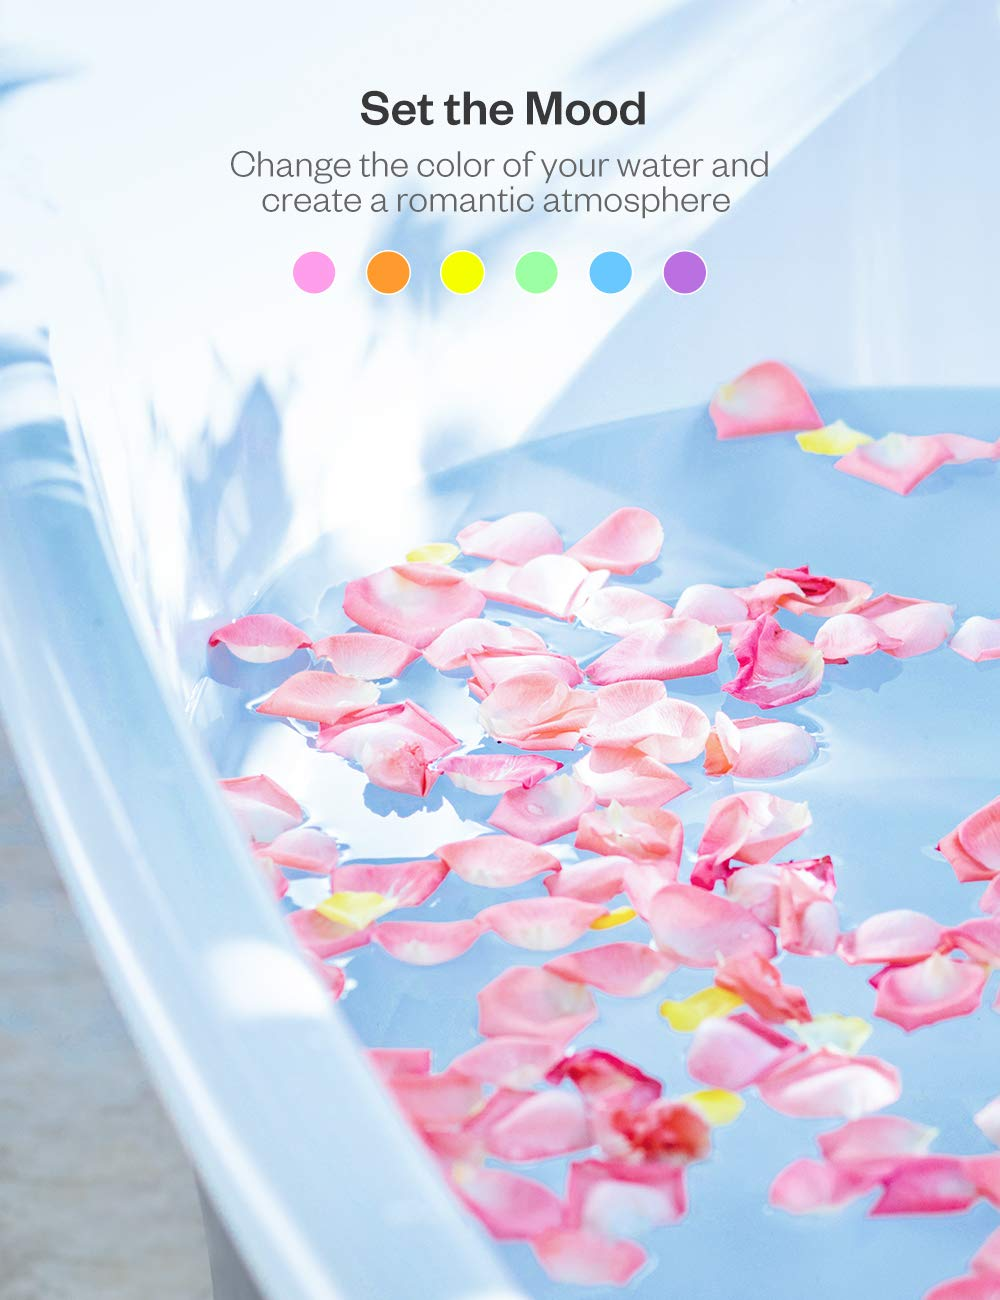 Anjou Bath Bombs Gift Set 6 x 40 oz Vegan Natural Essential Oils lush Fizzy Spa Moisturizes Dry Skin